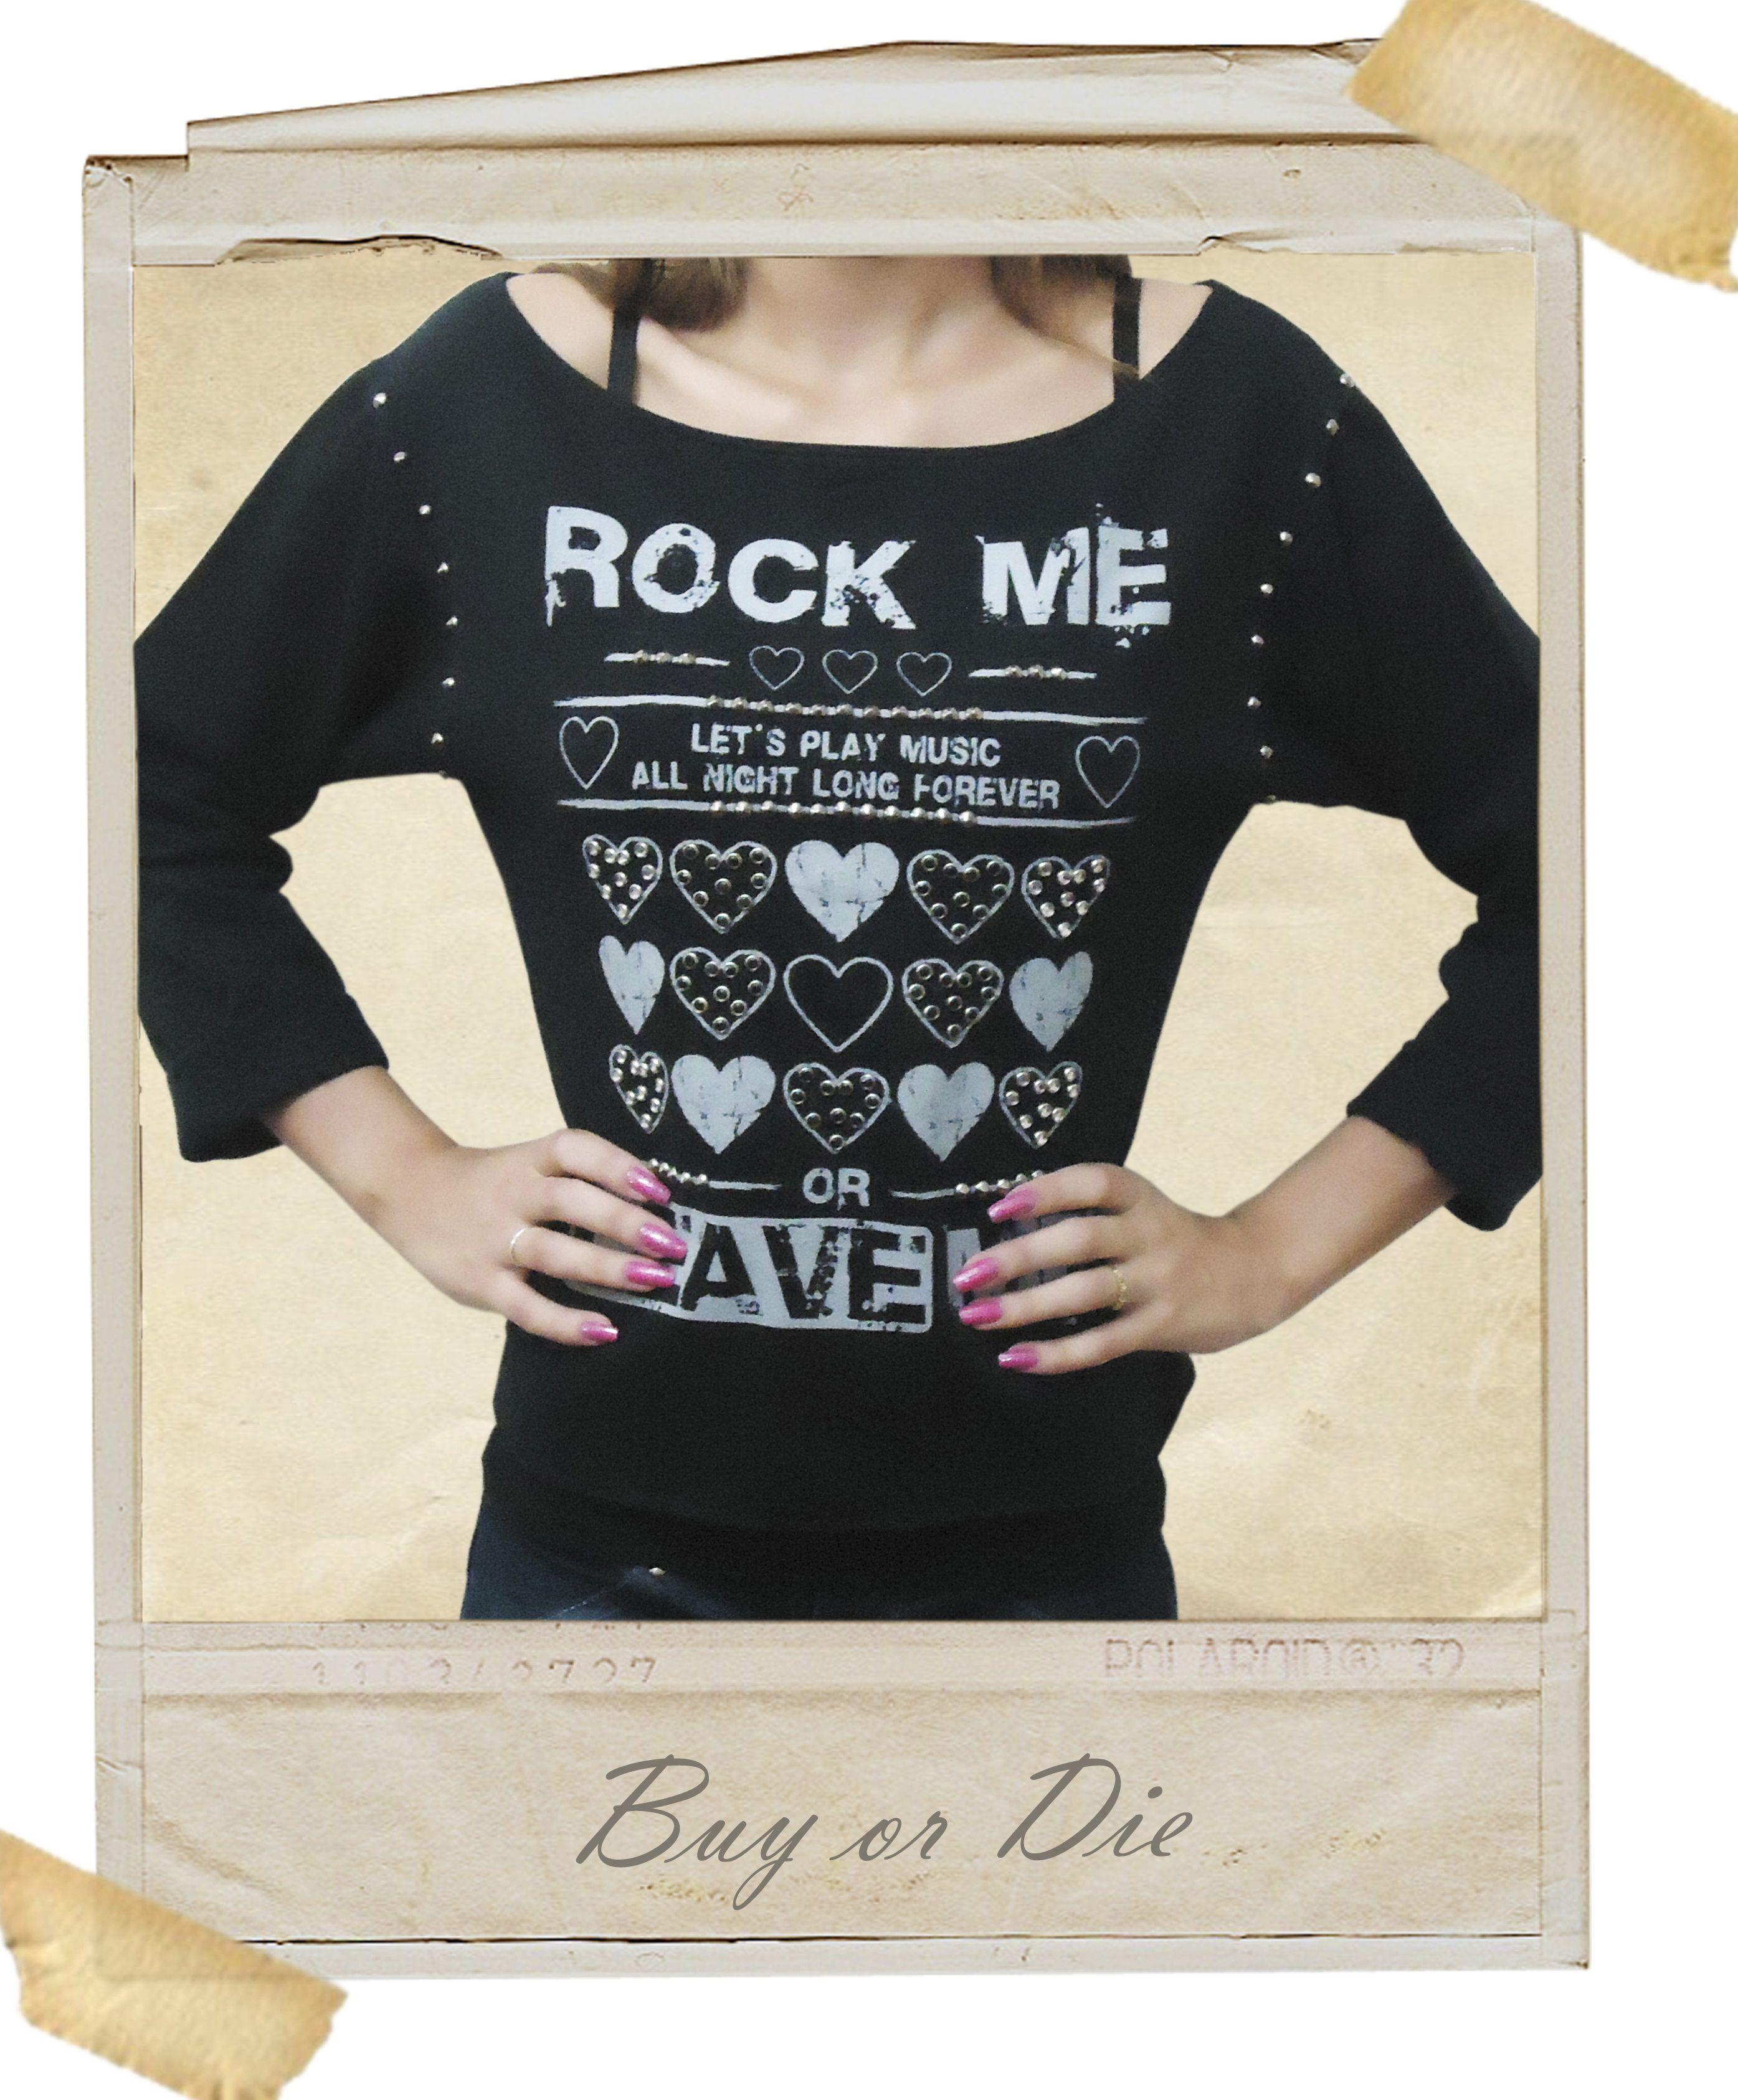 Moletom Rock Me com aplicações de spikes chumbo e strass prata e preto.